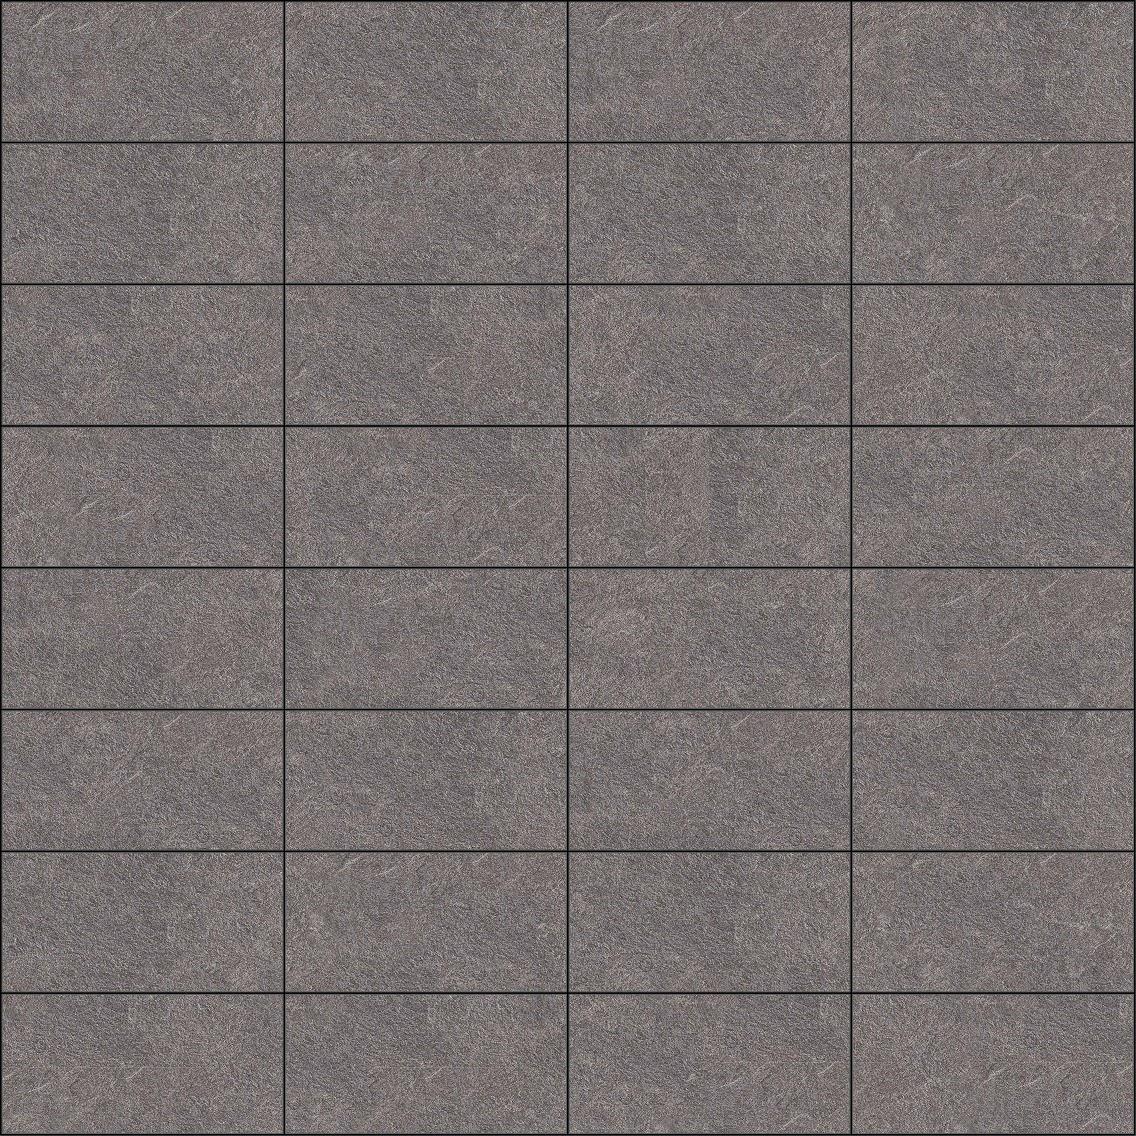 Simo texture seamless piastrelle - Texture piastrelle bagno ...